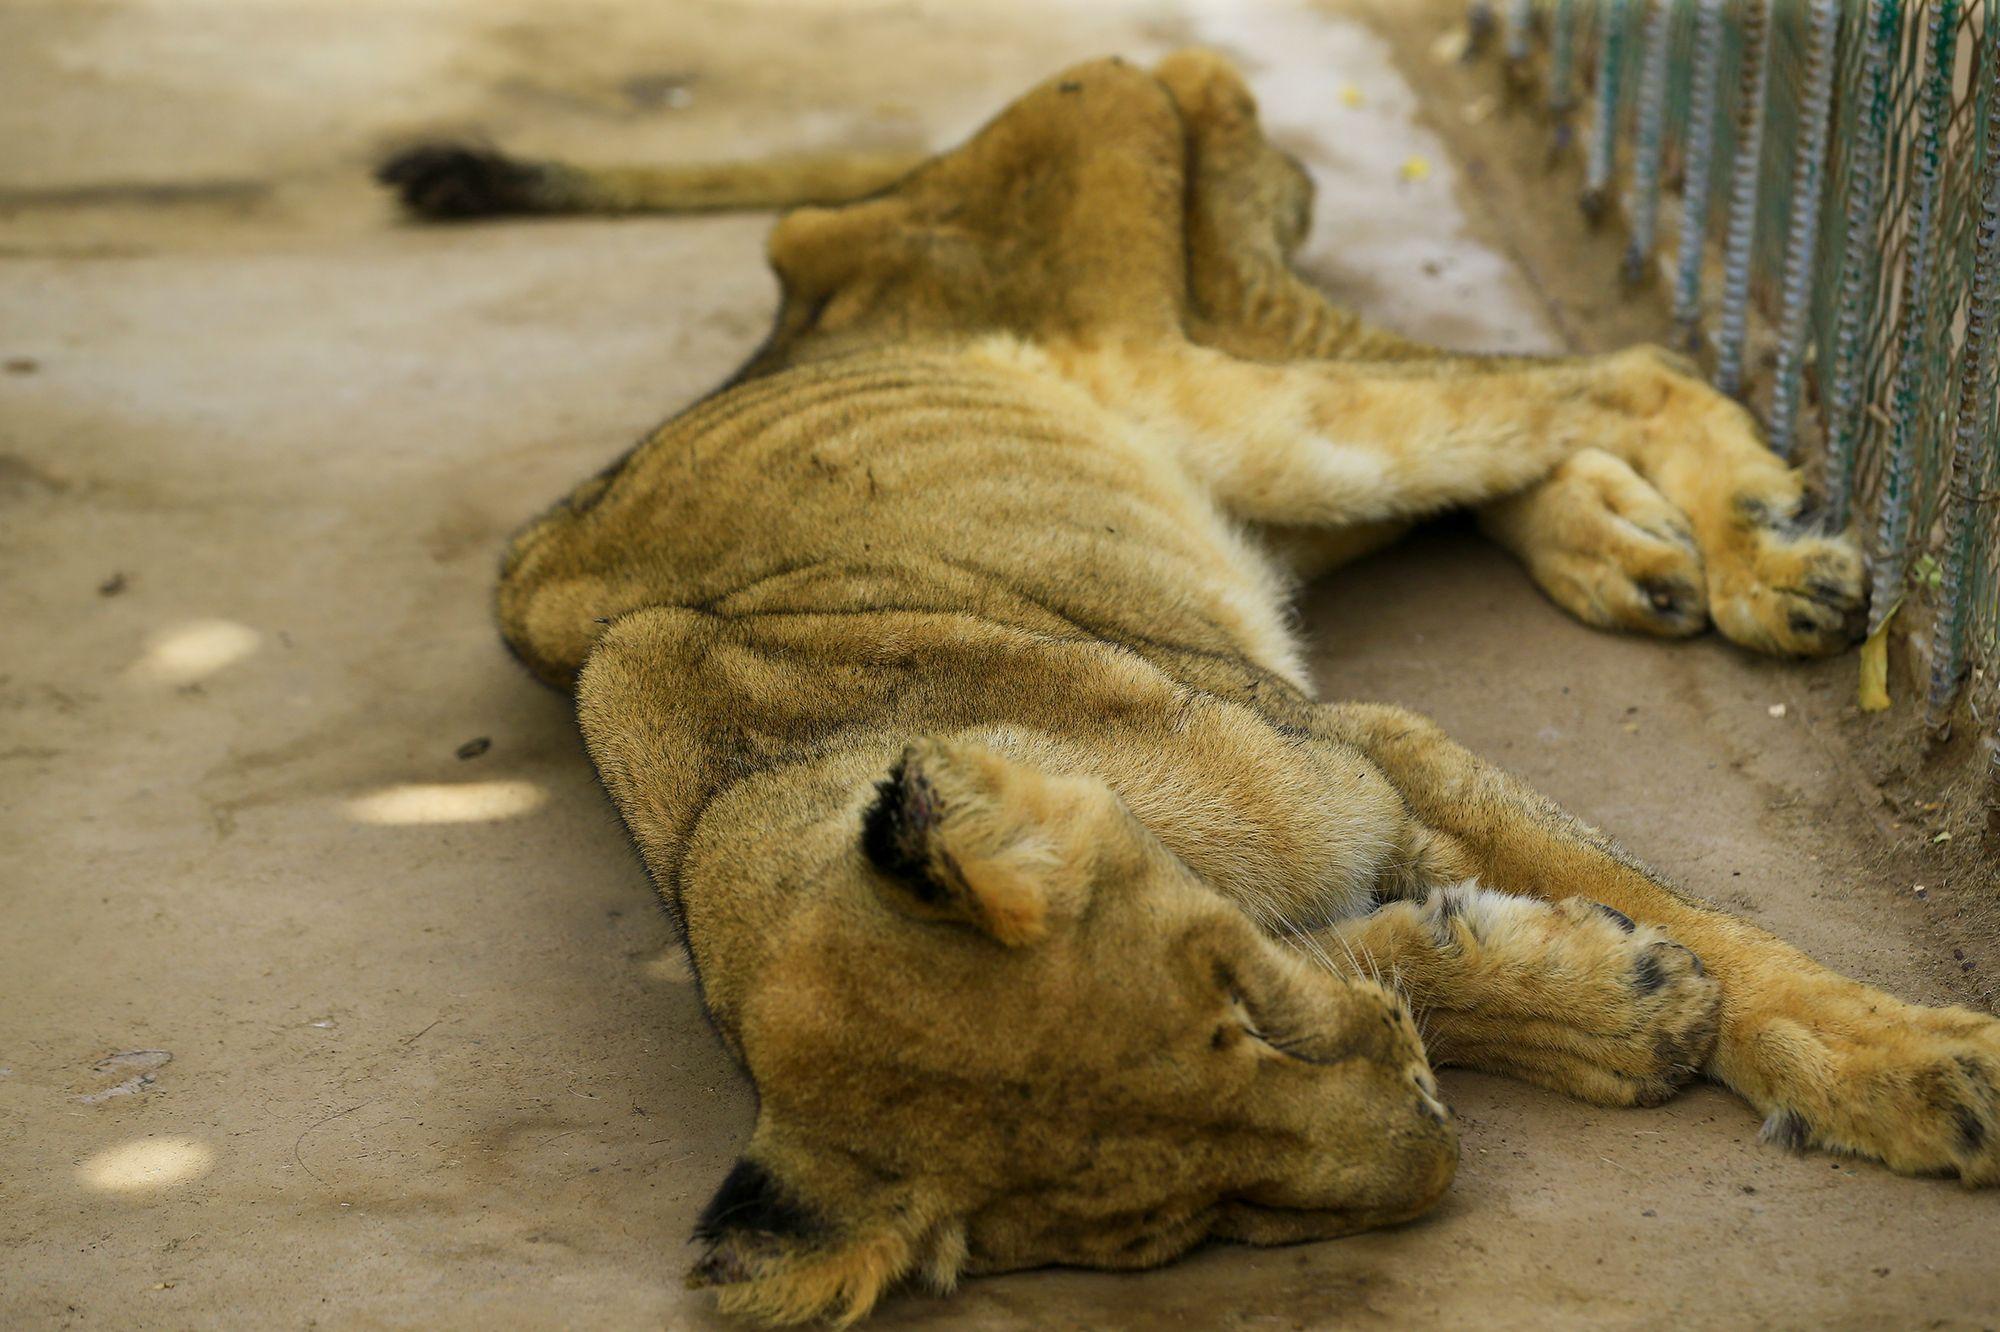 Une lionne mal-nourrie meurt dans le zoo de Khartoum